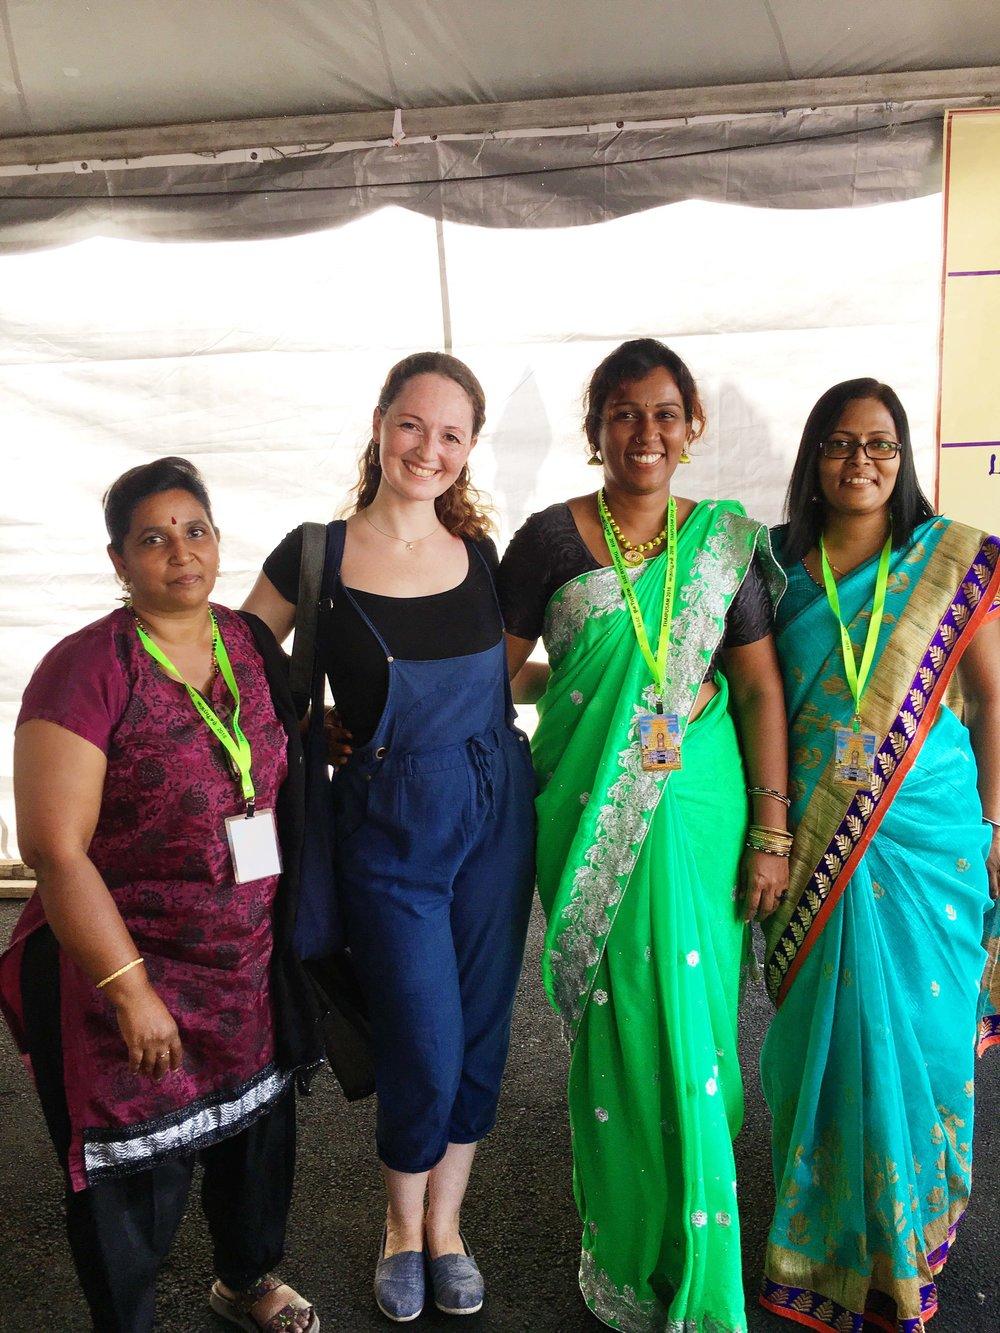 As mulheres que estavam na entrada do Waterfalltop Hill Temple e dedicaram um tempo para me explicar o festival Thaipusam inteiro